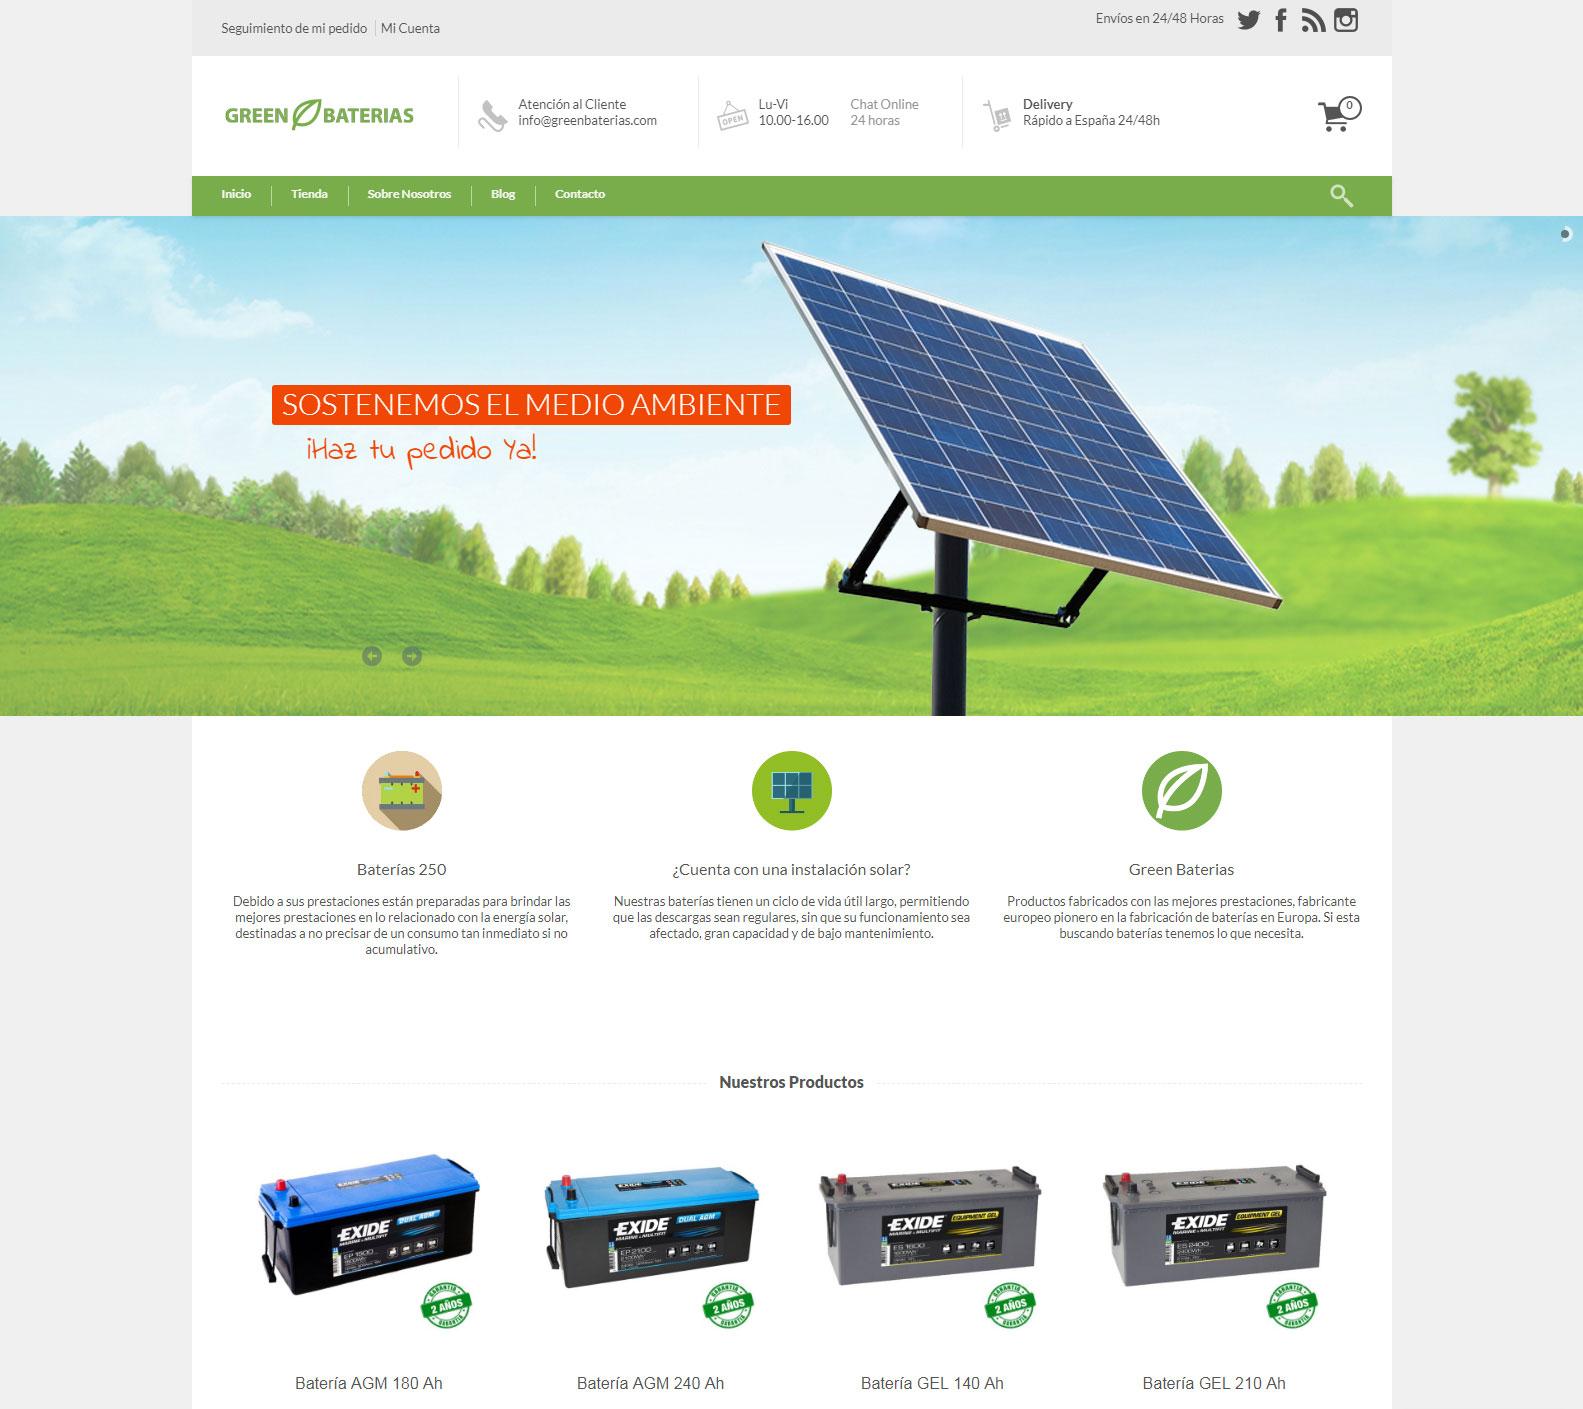 Nueva Tienda Online Green Baterias https://greenbaterias.com/ +Autoadministrable +Tienda Online